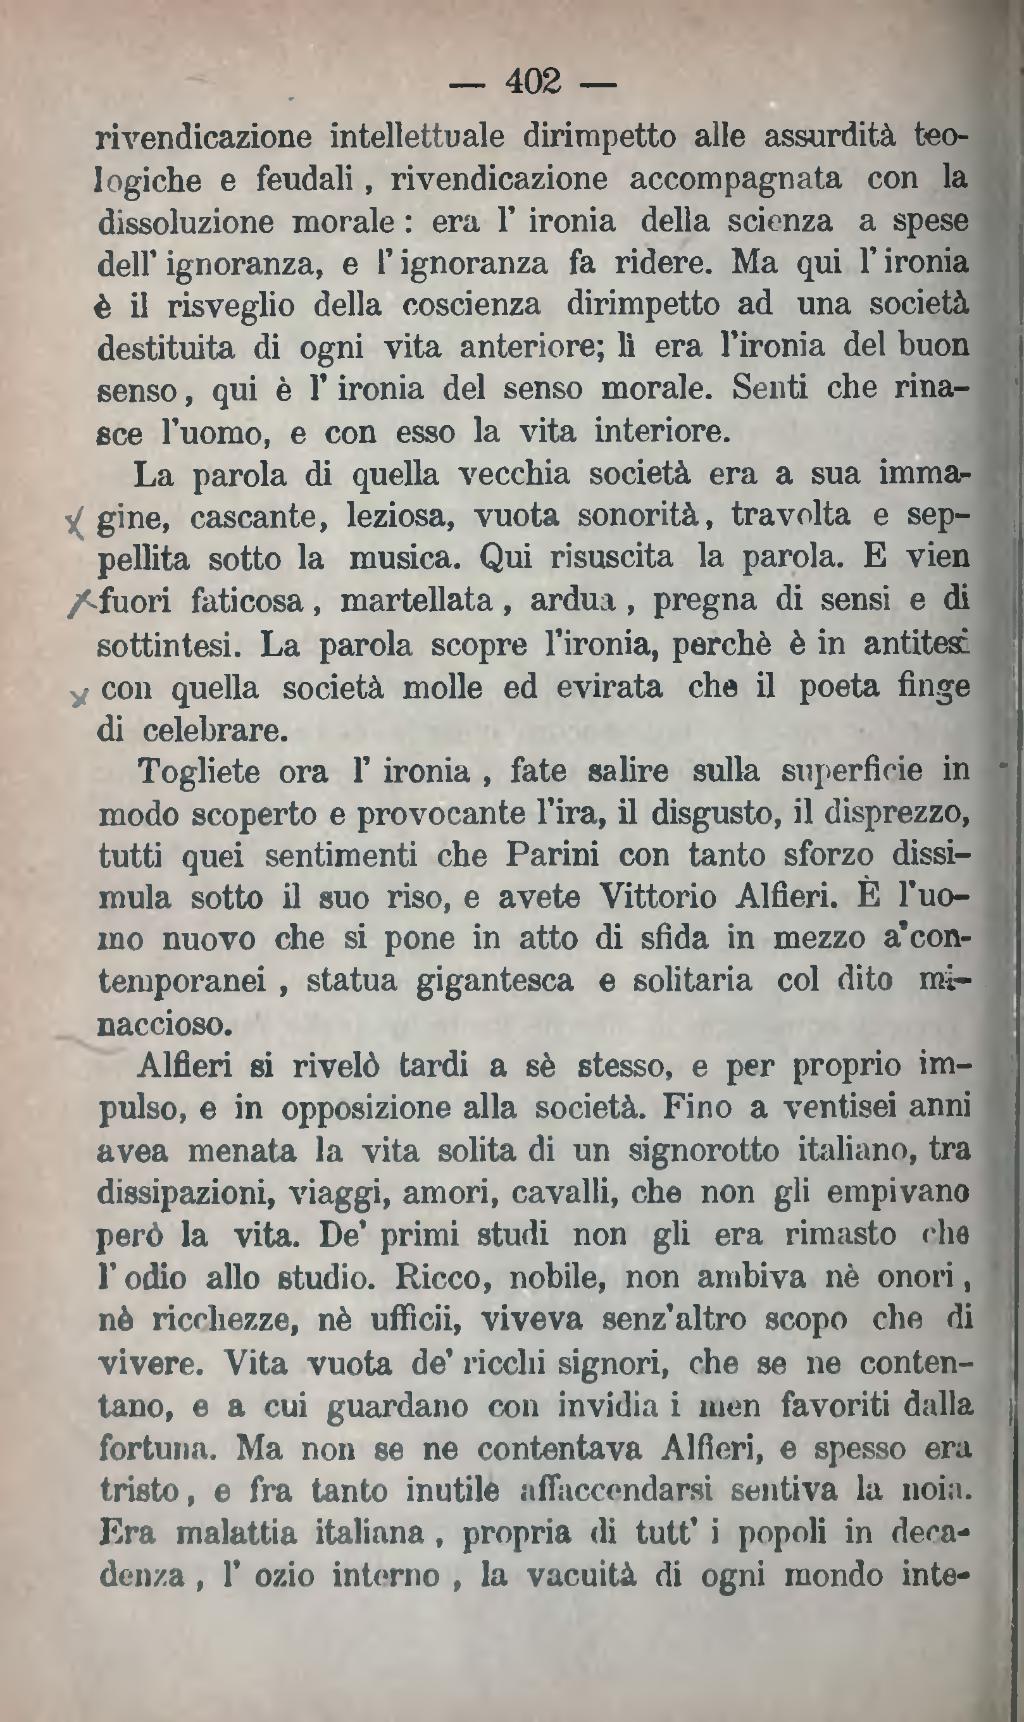 Pagina:Storia della letteratura italiana II.djvu/414